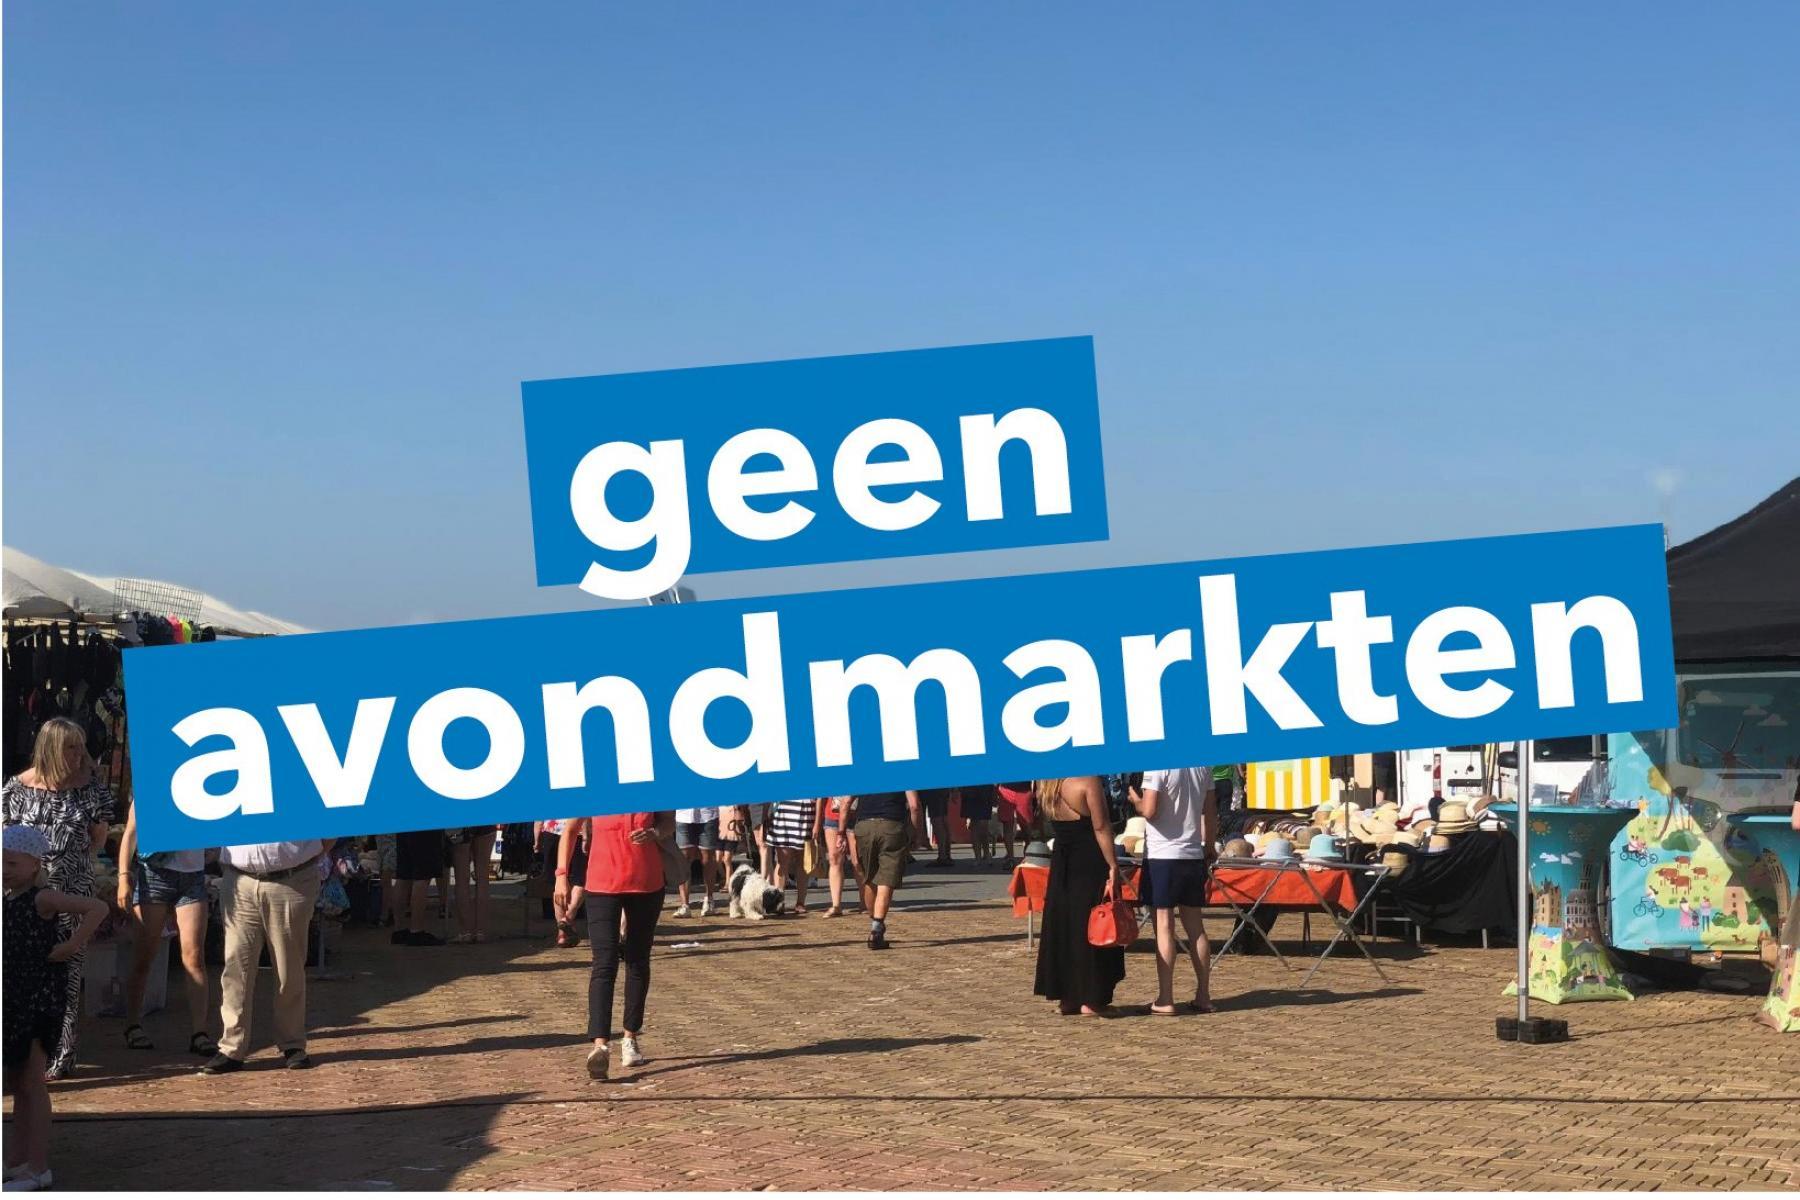 Visit Nieuwpoort - Geen avondmarkten in Nieuwpoort in 2021